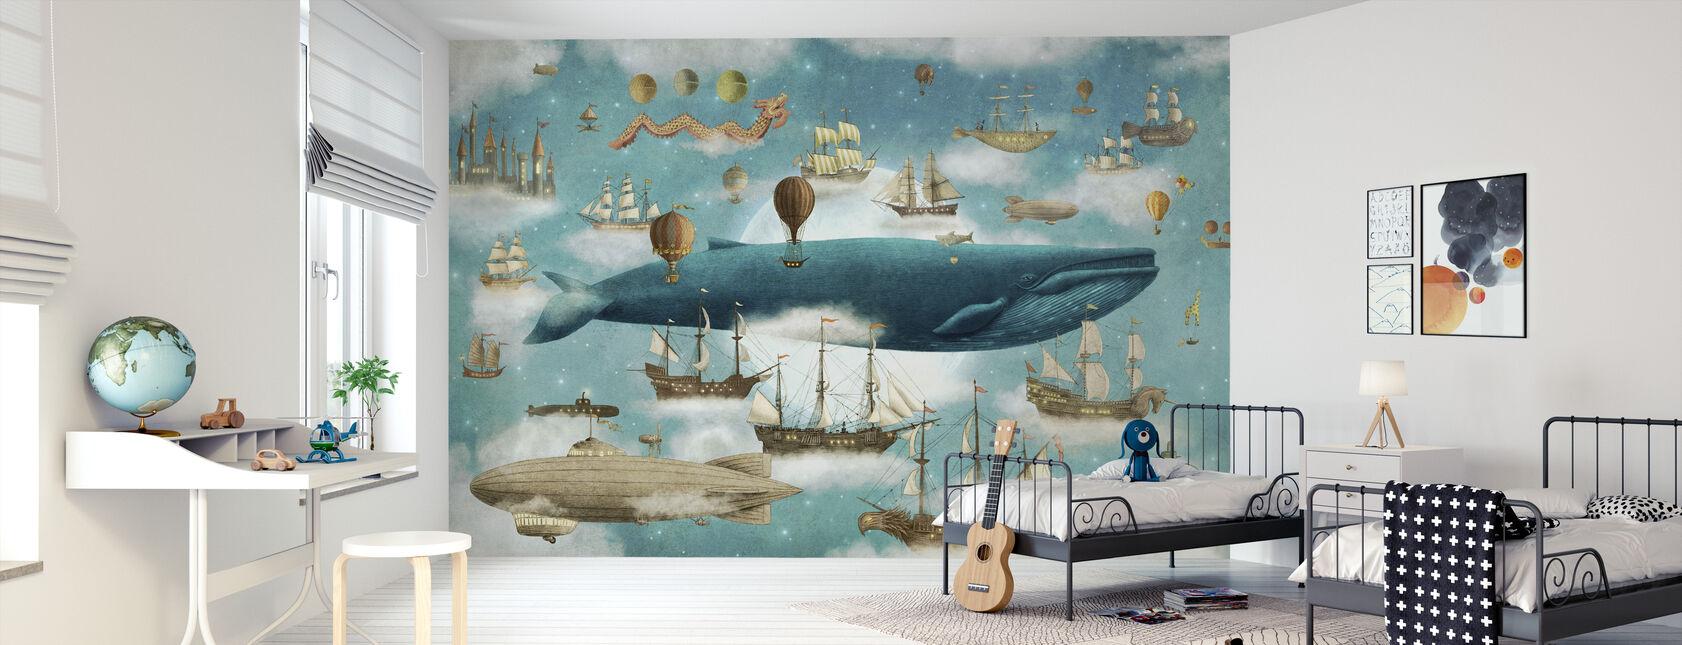 Ocean Meets Sky Cover - Papier peint - Chambre des enfants